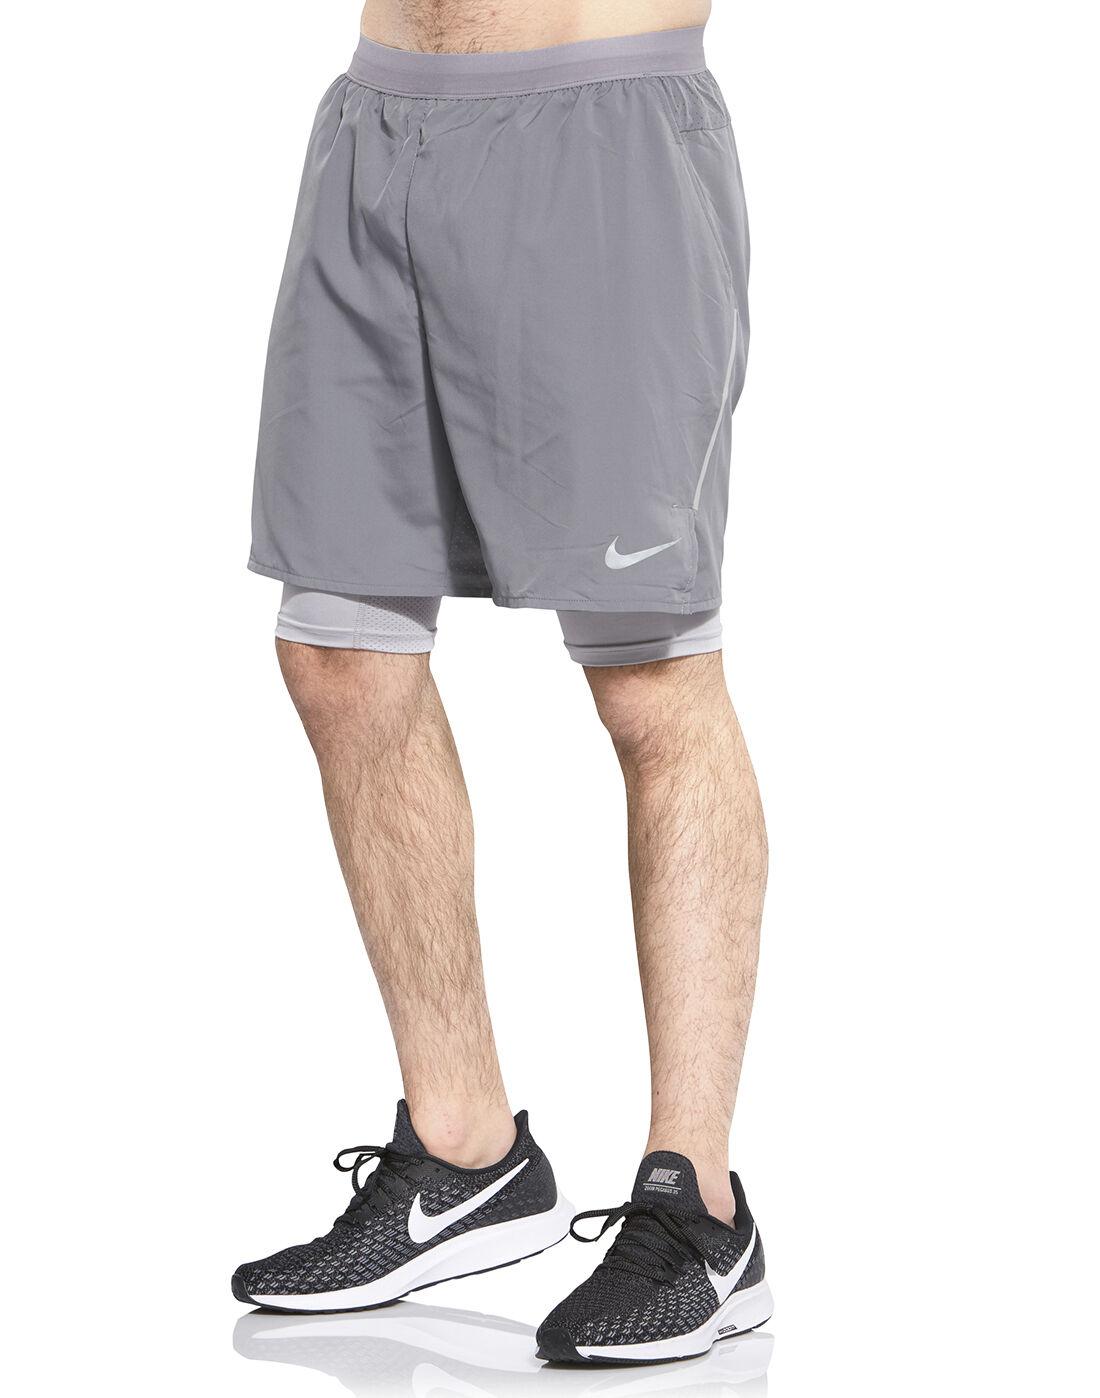 Flex Stride 2 in 1 Running Shorts